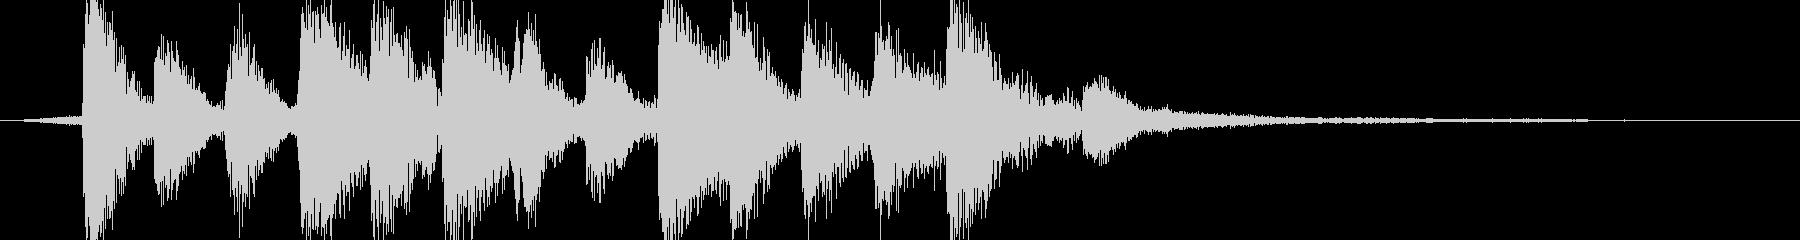 【ジングル】ほのぼの系ジングルの未再生の波形